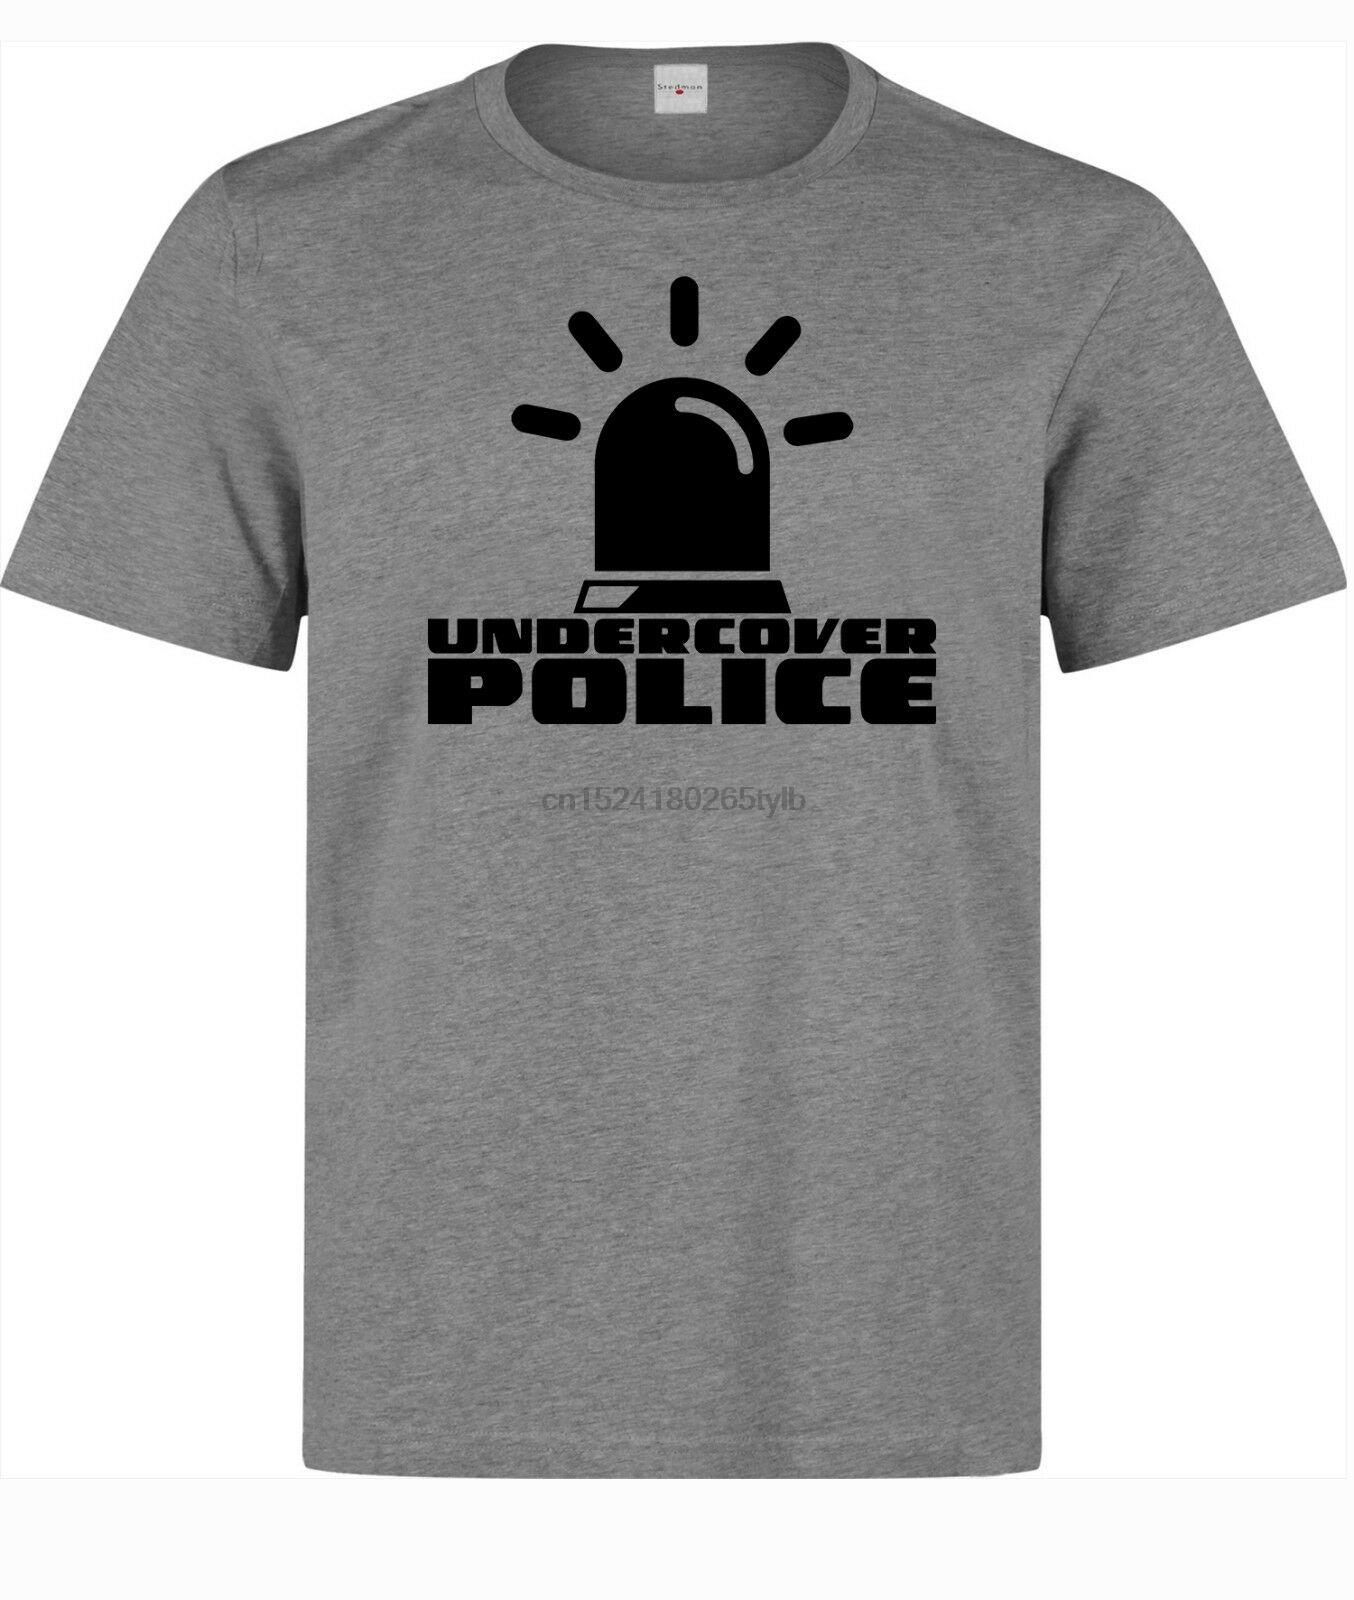 Тайные полиции смешного черный Siren мужских (бабы) доступны серая тенниска